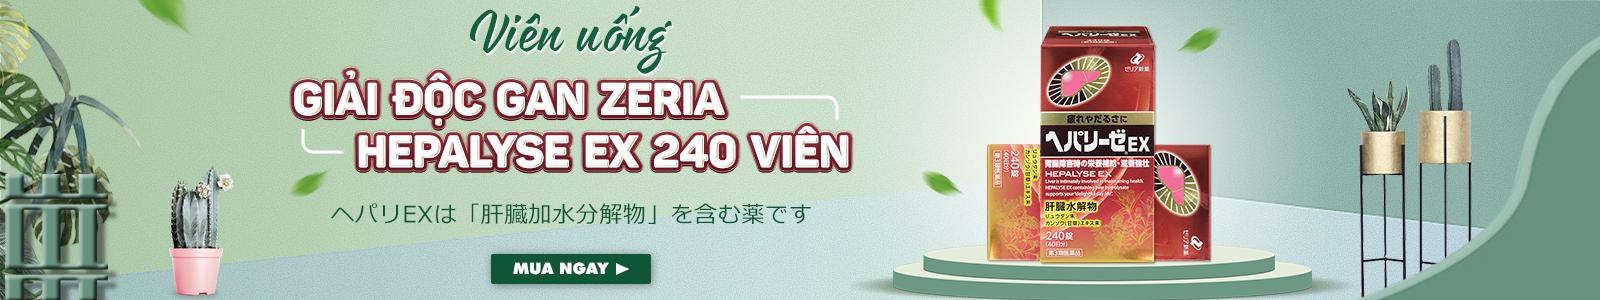 Viên uống giải độc gan Zeria Hepalyse EX 240 viên